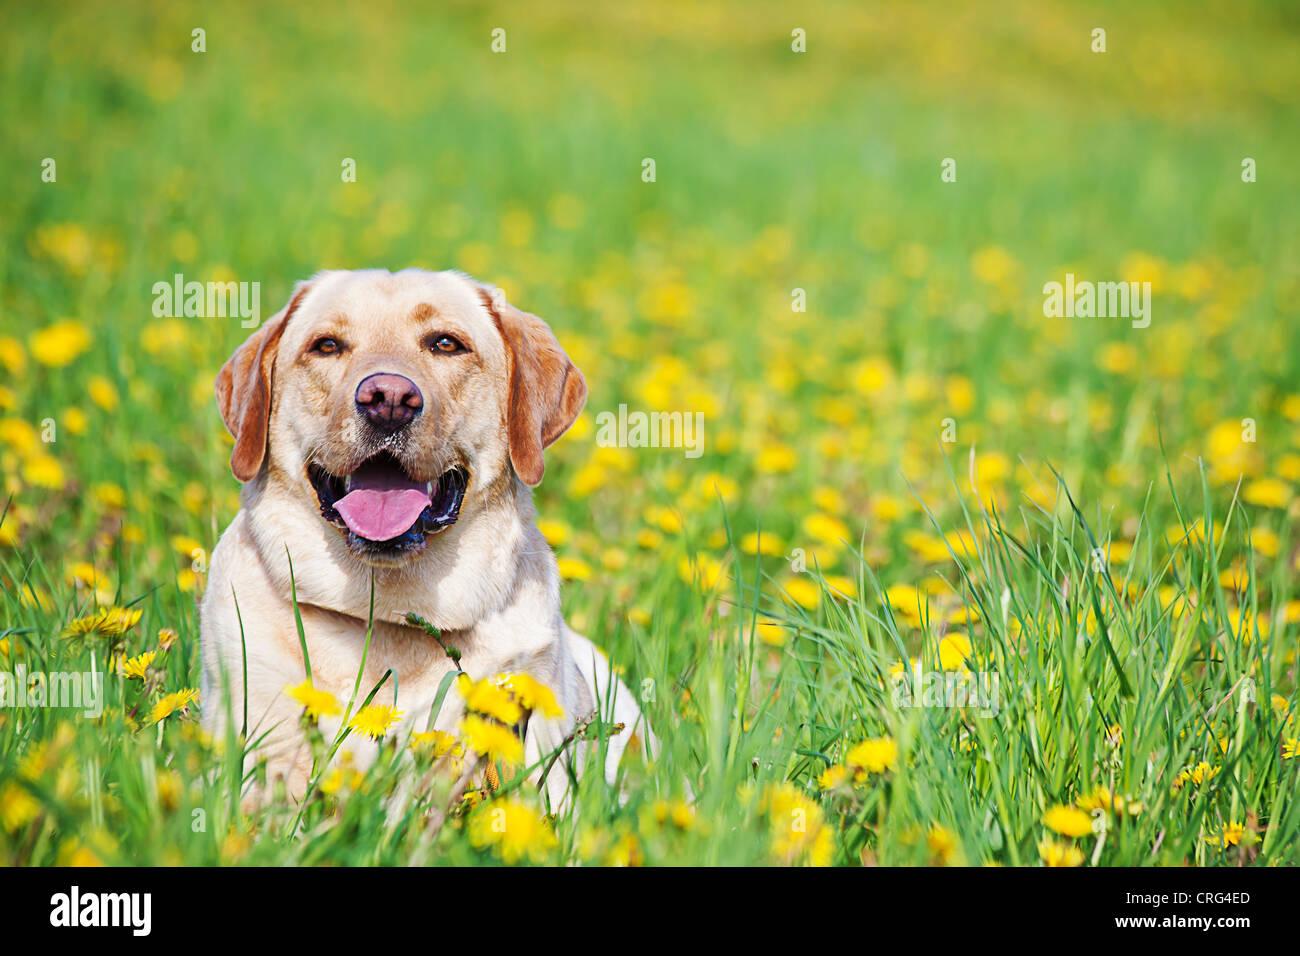 Retrato de un perro en la pradera Imagen De Stock